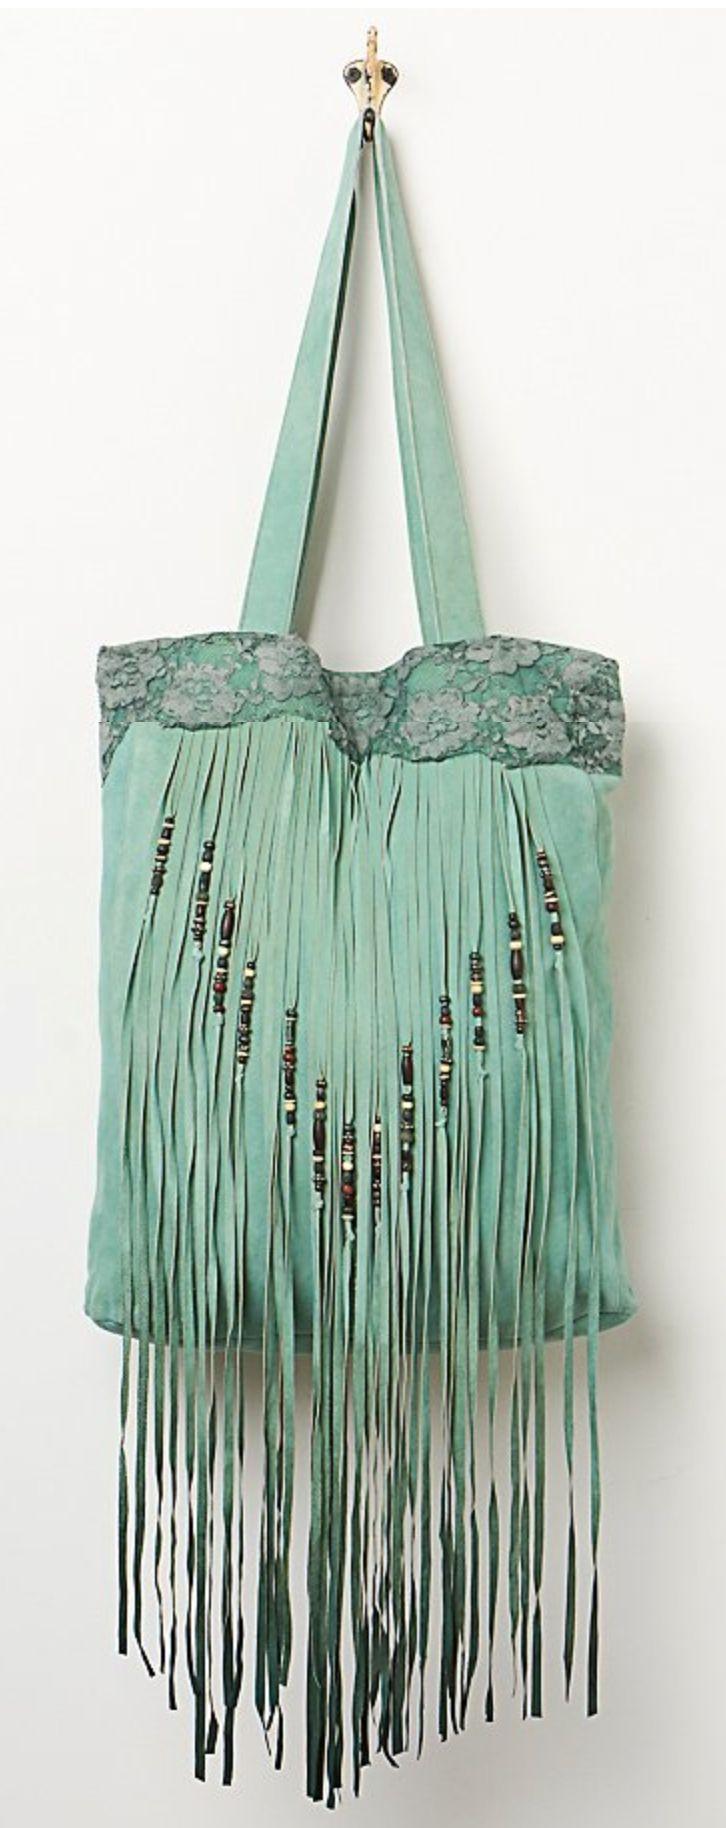 un hermoso bolso con flecos